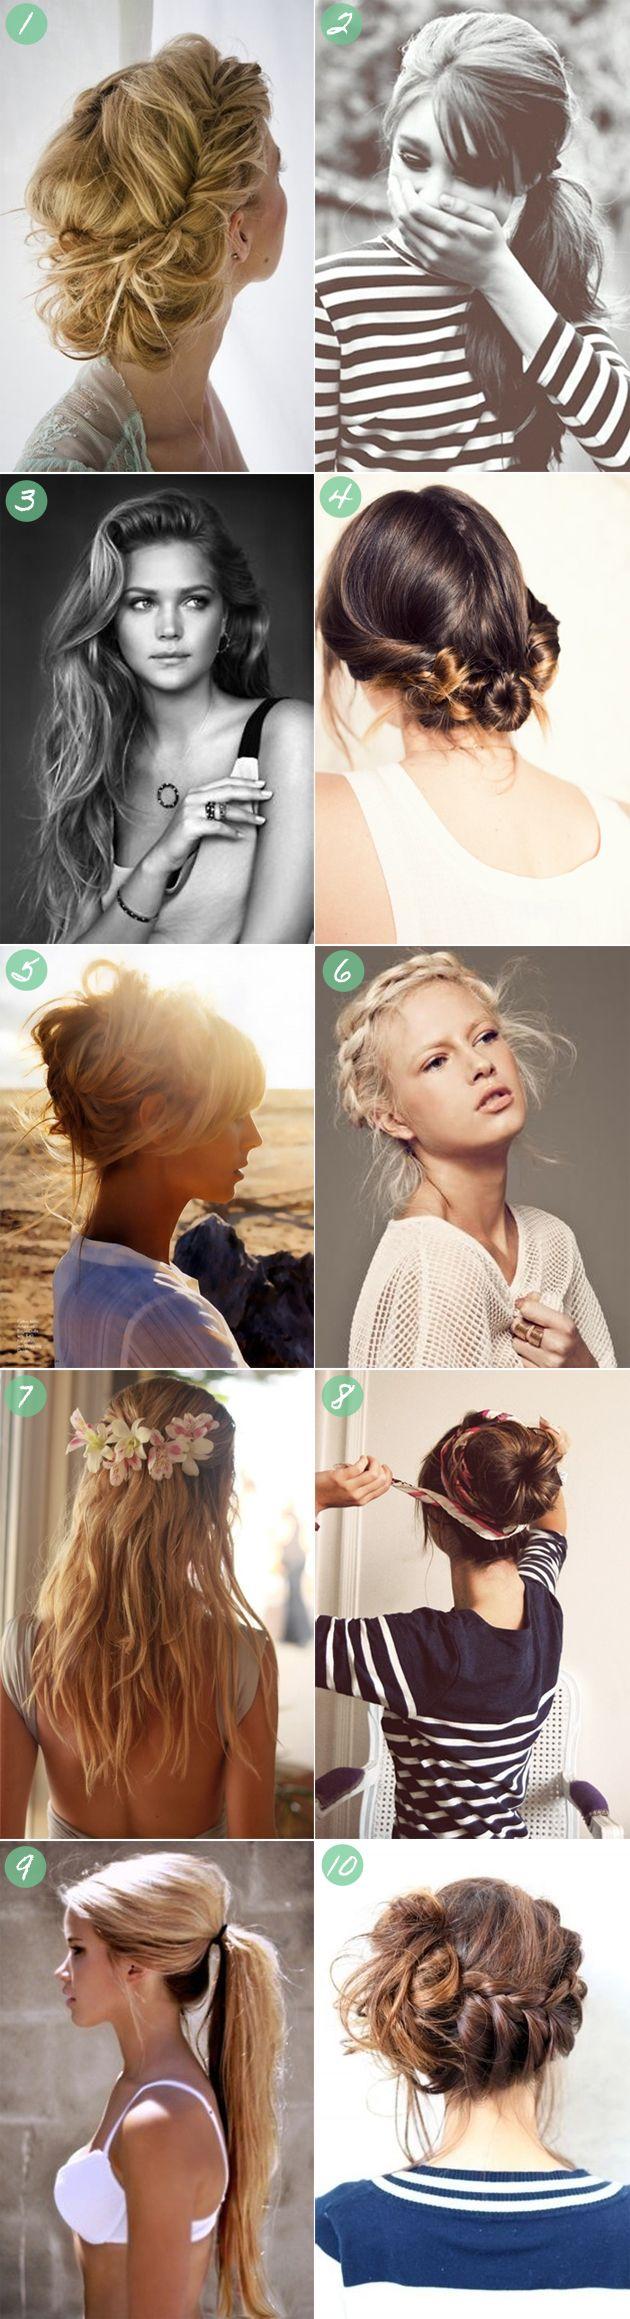 Hair styles diy beauty pinterest summer hair hair style and